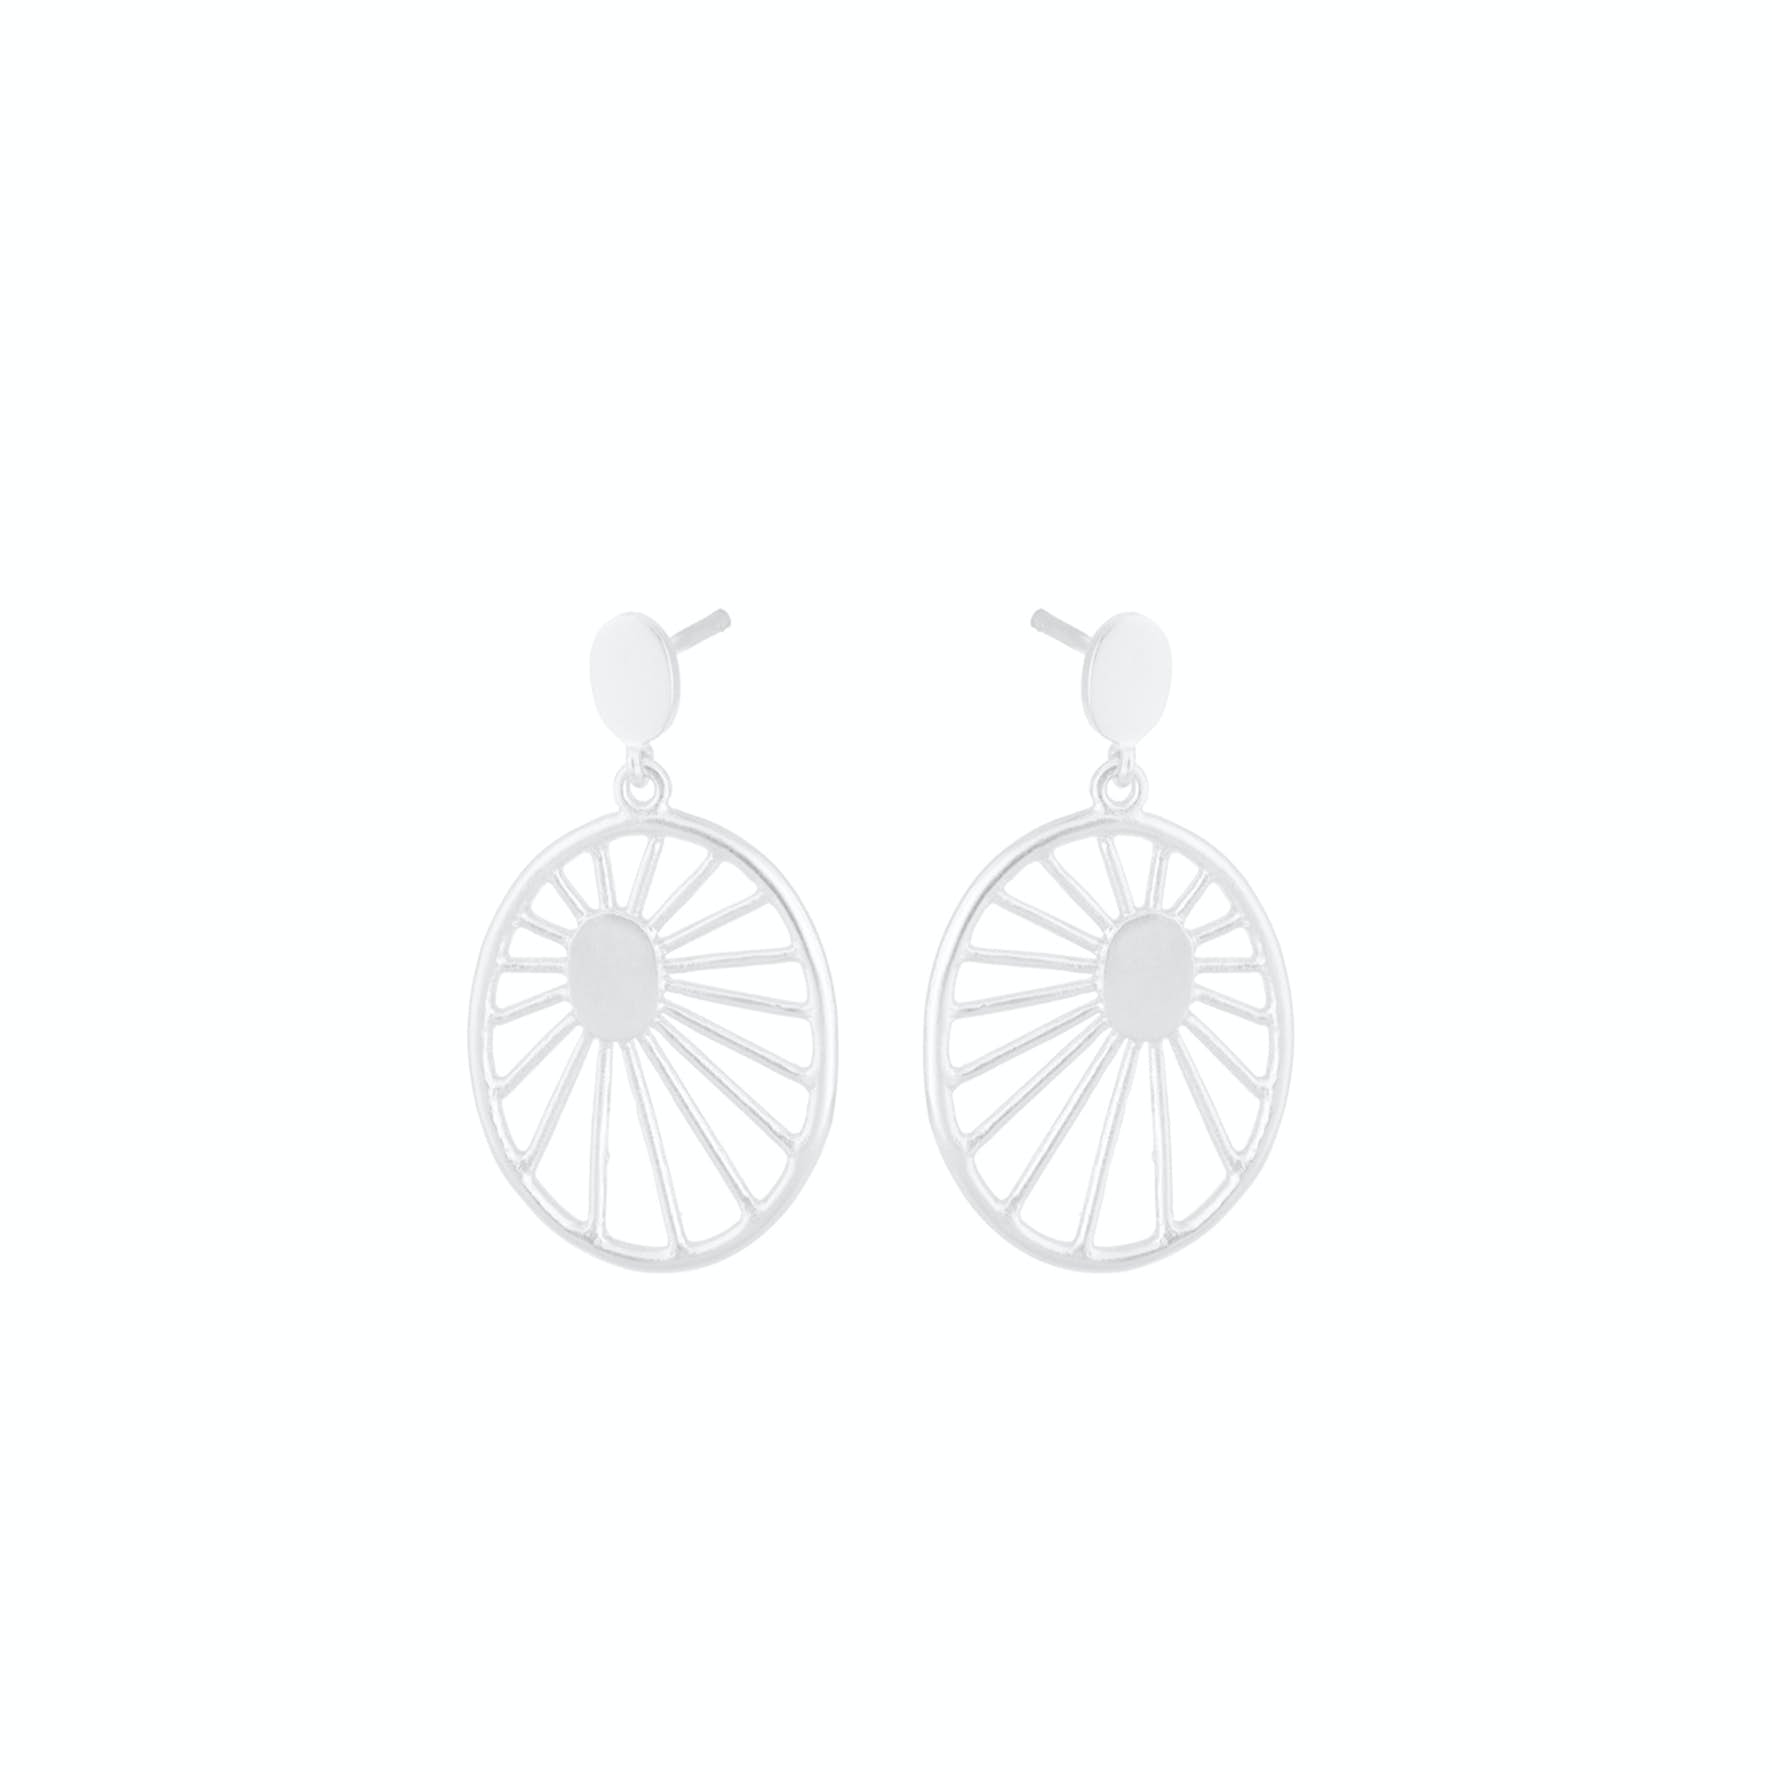 Daydream Earrings fra Pernille Corydon i Sølv Sterling 925